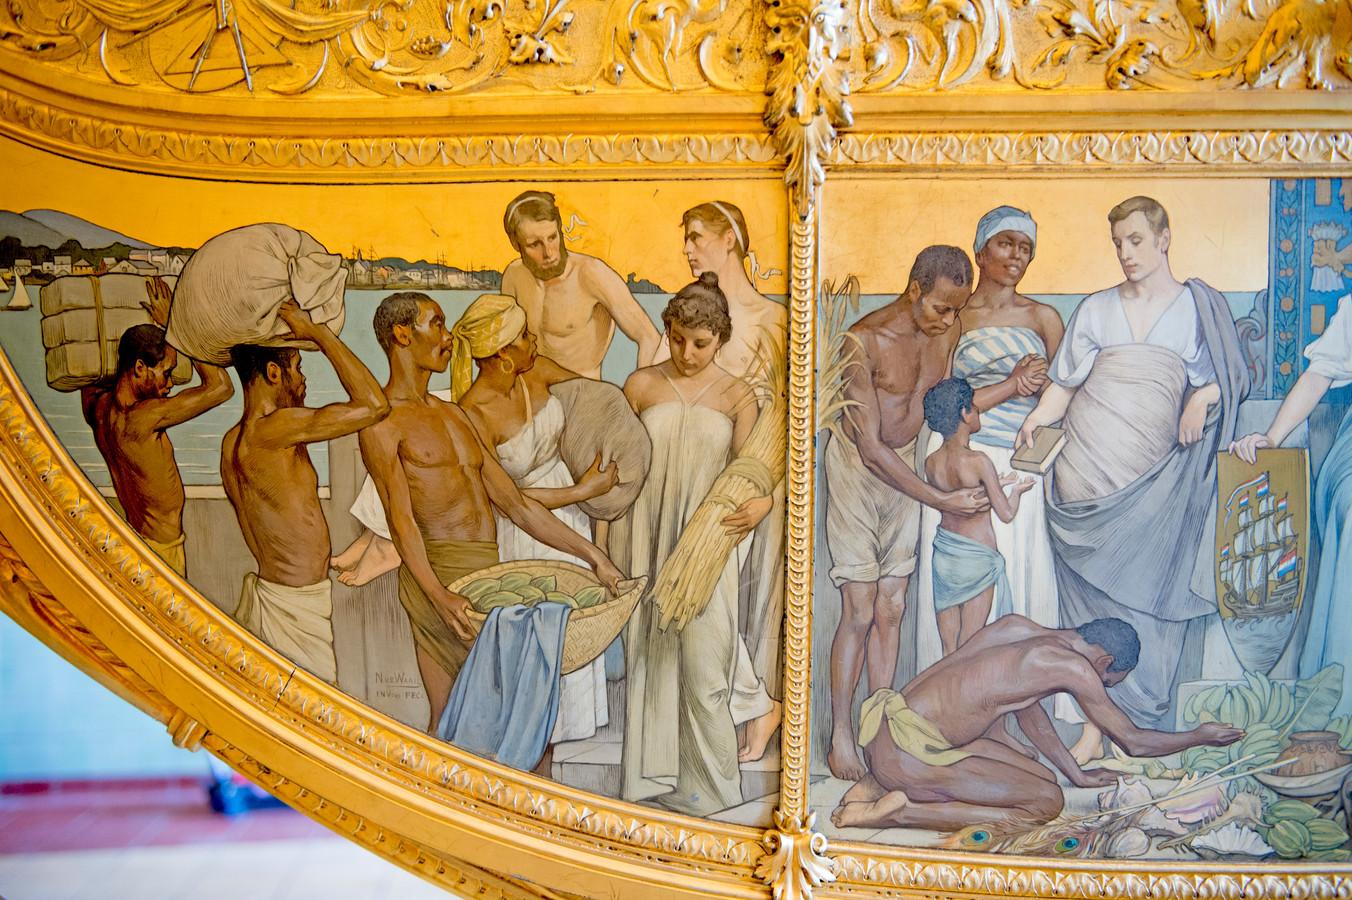 Het zijpaneel op de Gouden Koets, 'Hulde der Koloniën' van Nicolaas van der Waay (1855-1936). Hij schilderde halfnaakte Afrikaanse en Indonesische mannen die zich onderwerpen.